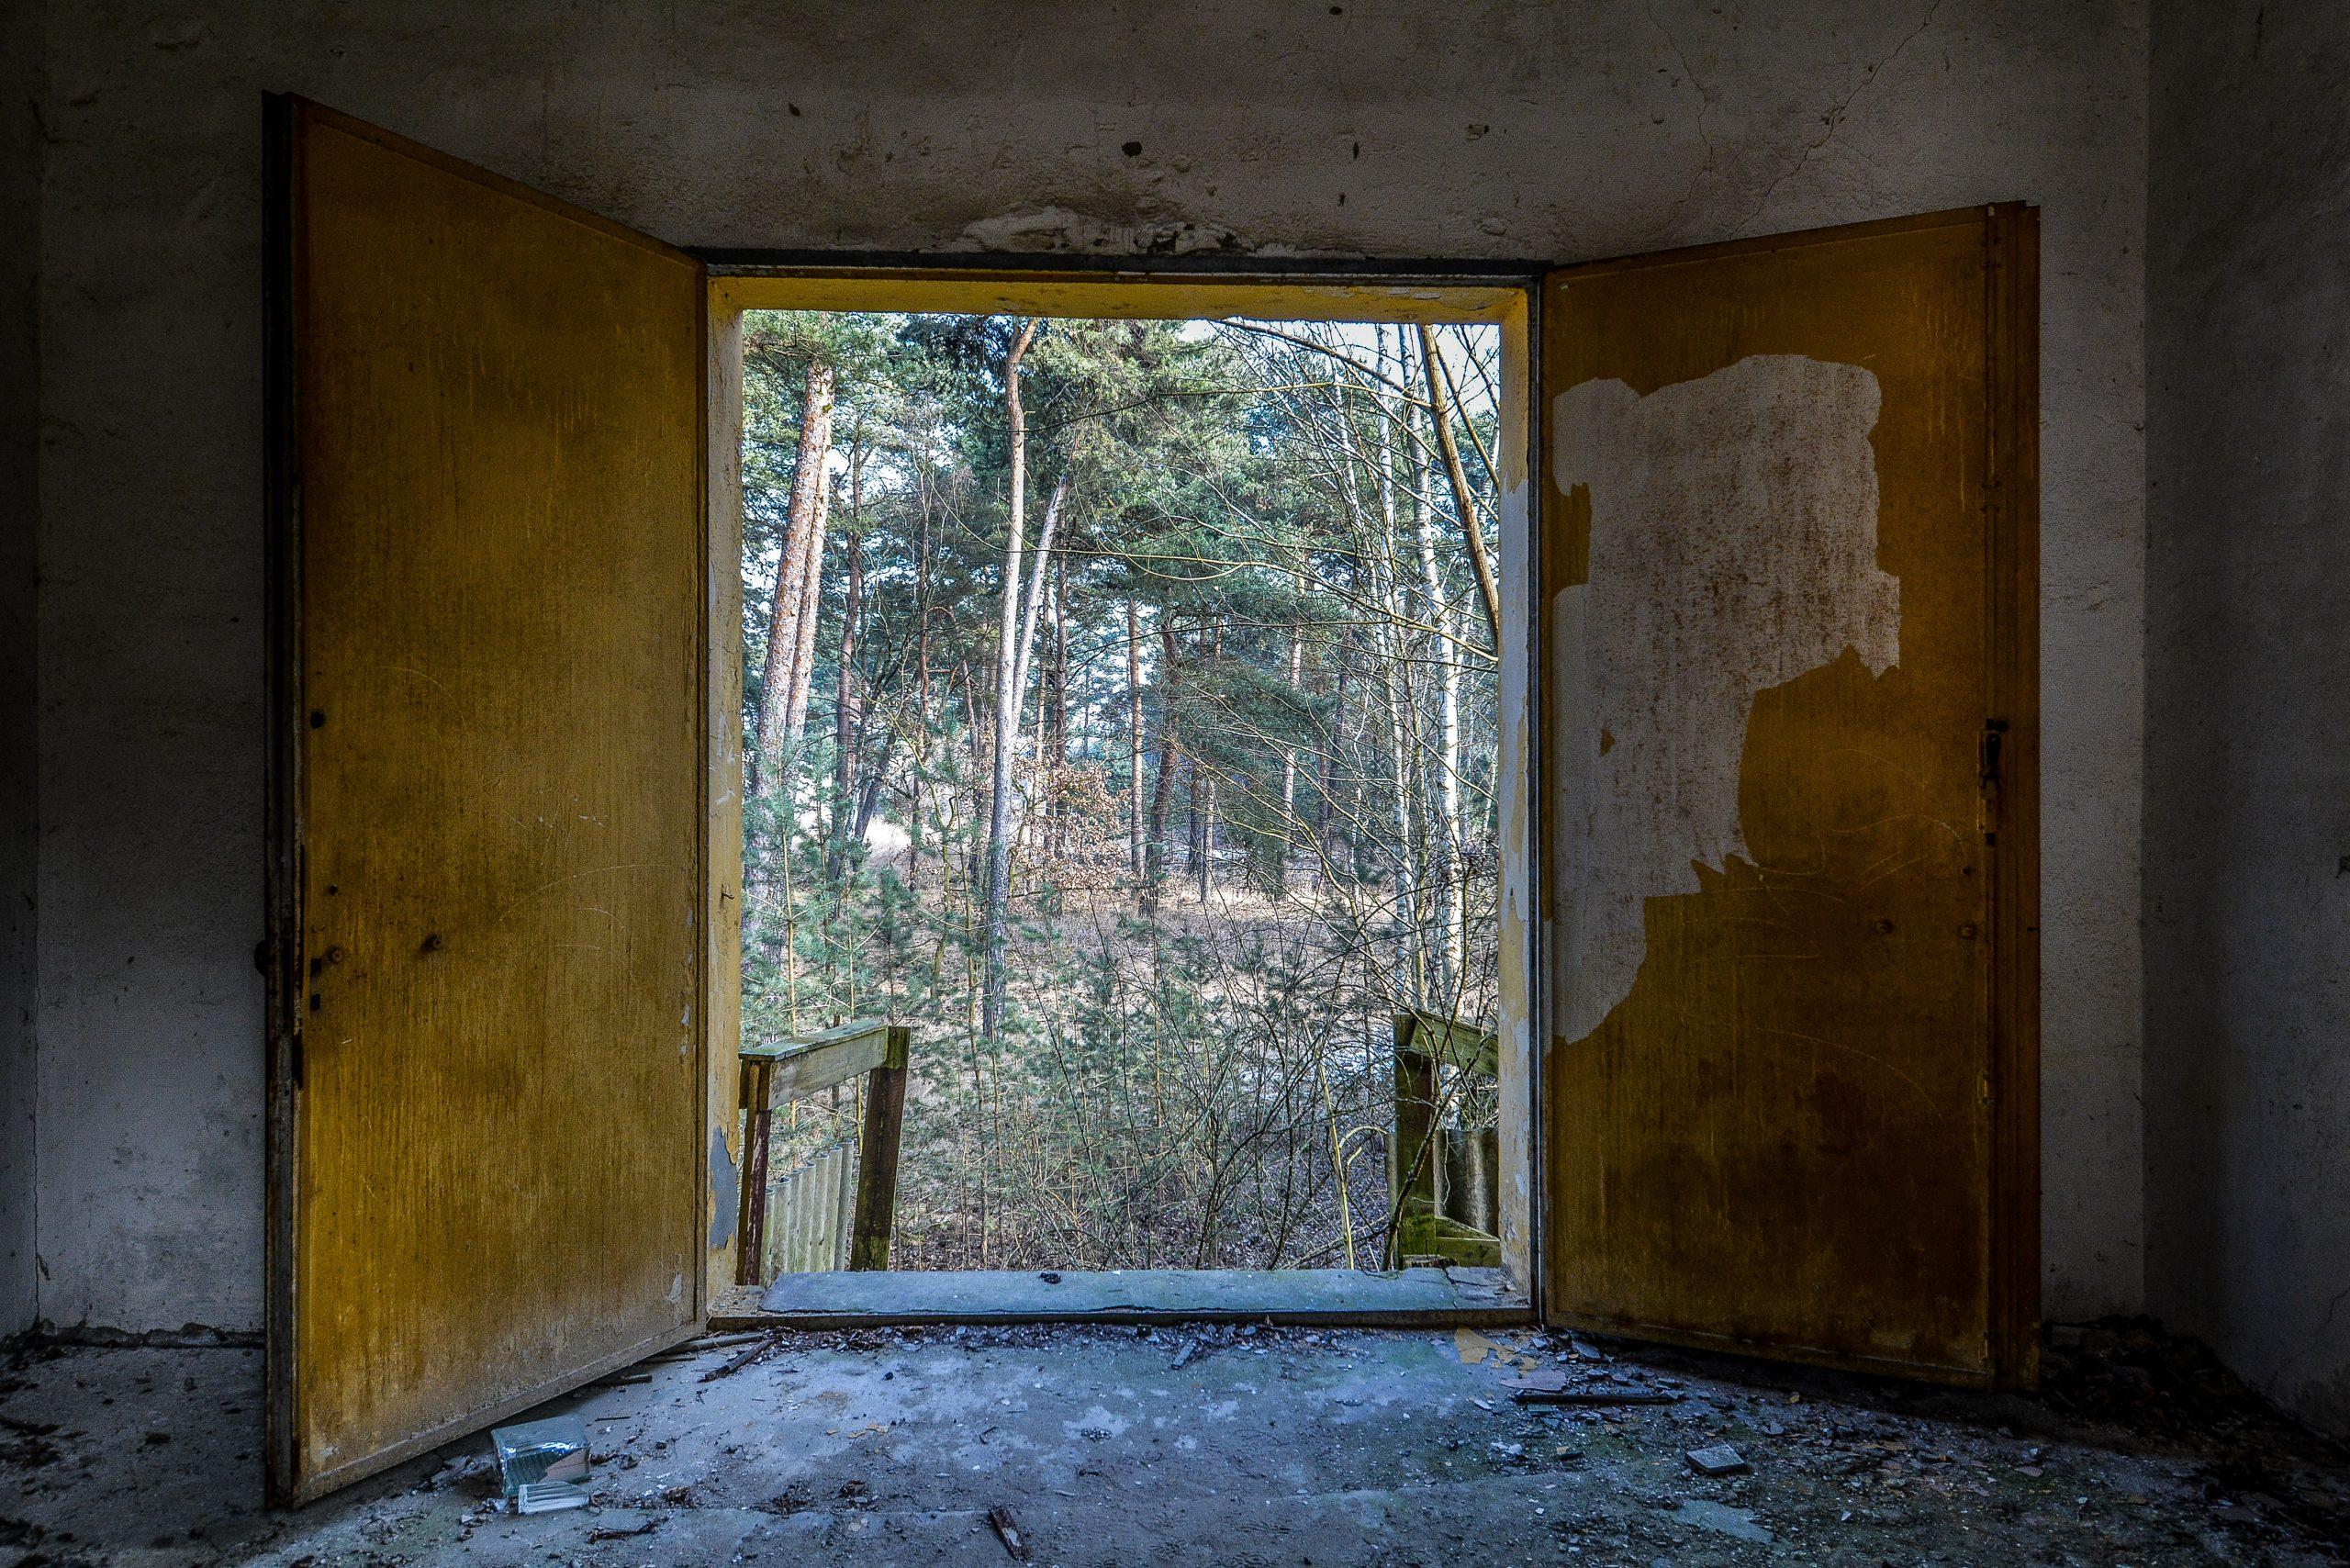 soviet nazi theather back stage door forst zinna adolf hitler lager luckenwalde juterbog sowjet kaserne soviet military barracks germany lost places urbex abandoned